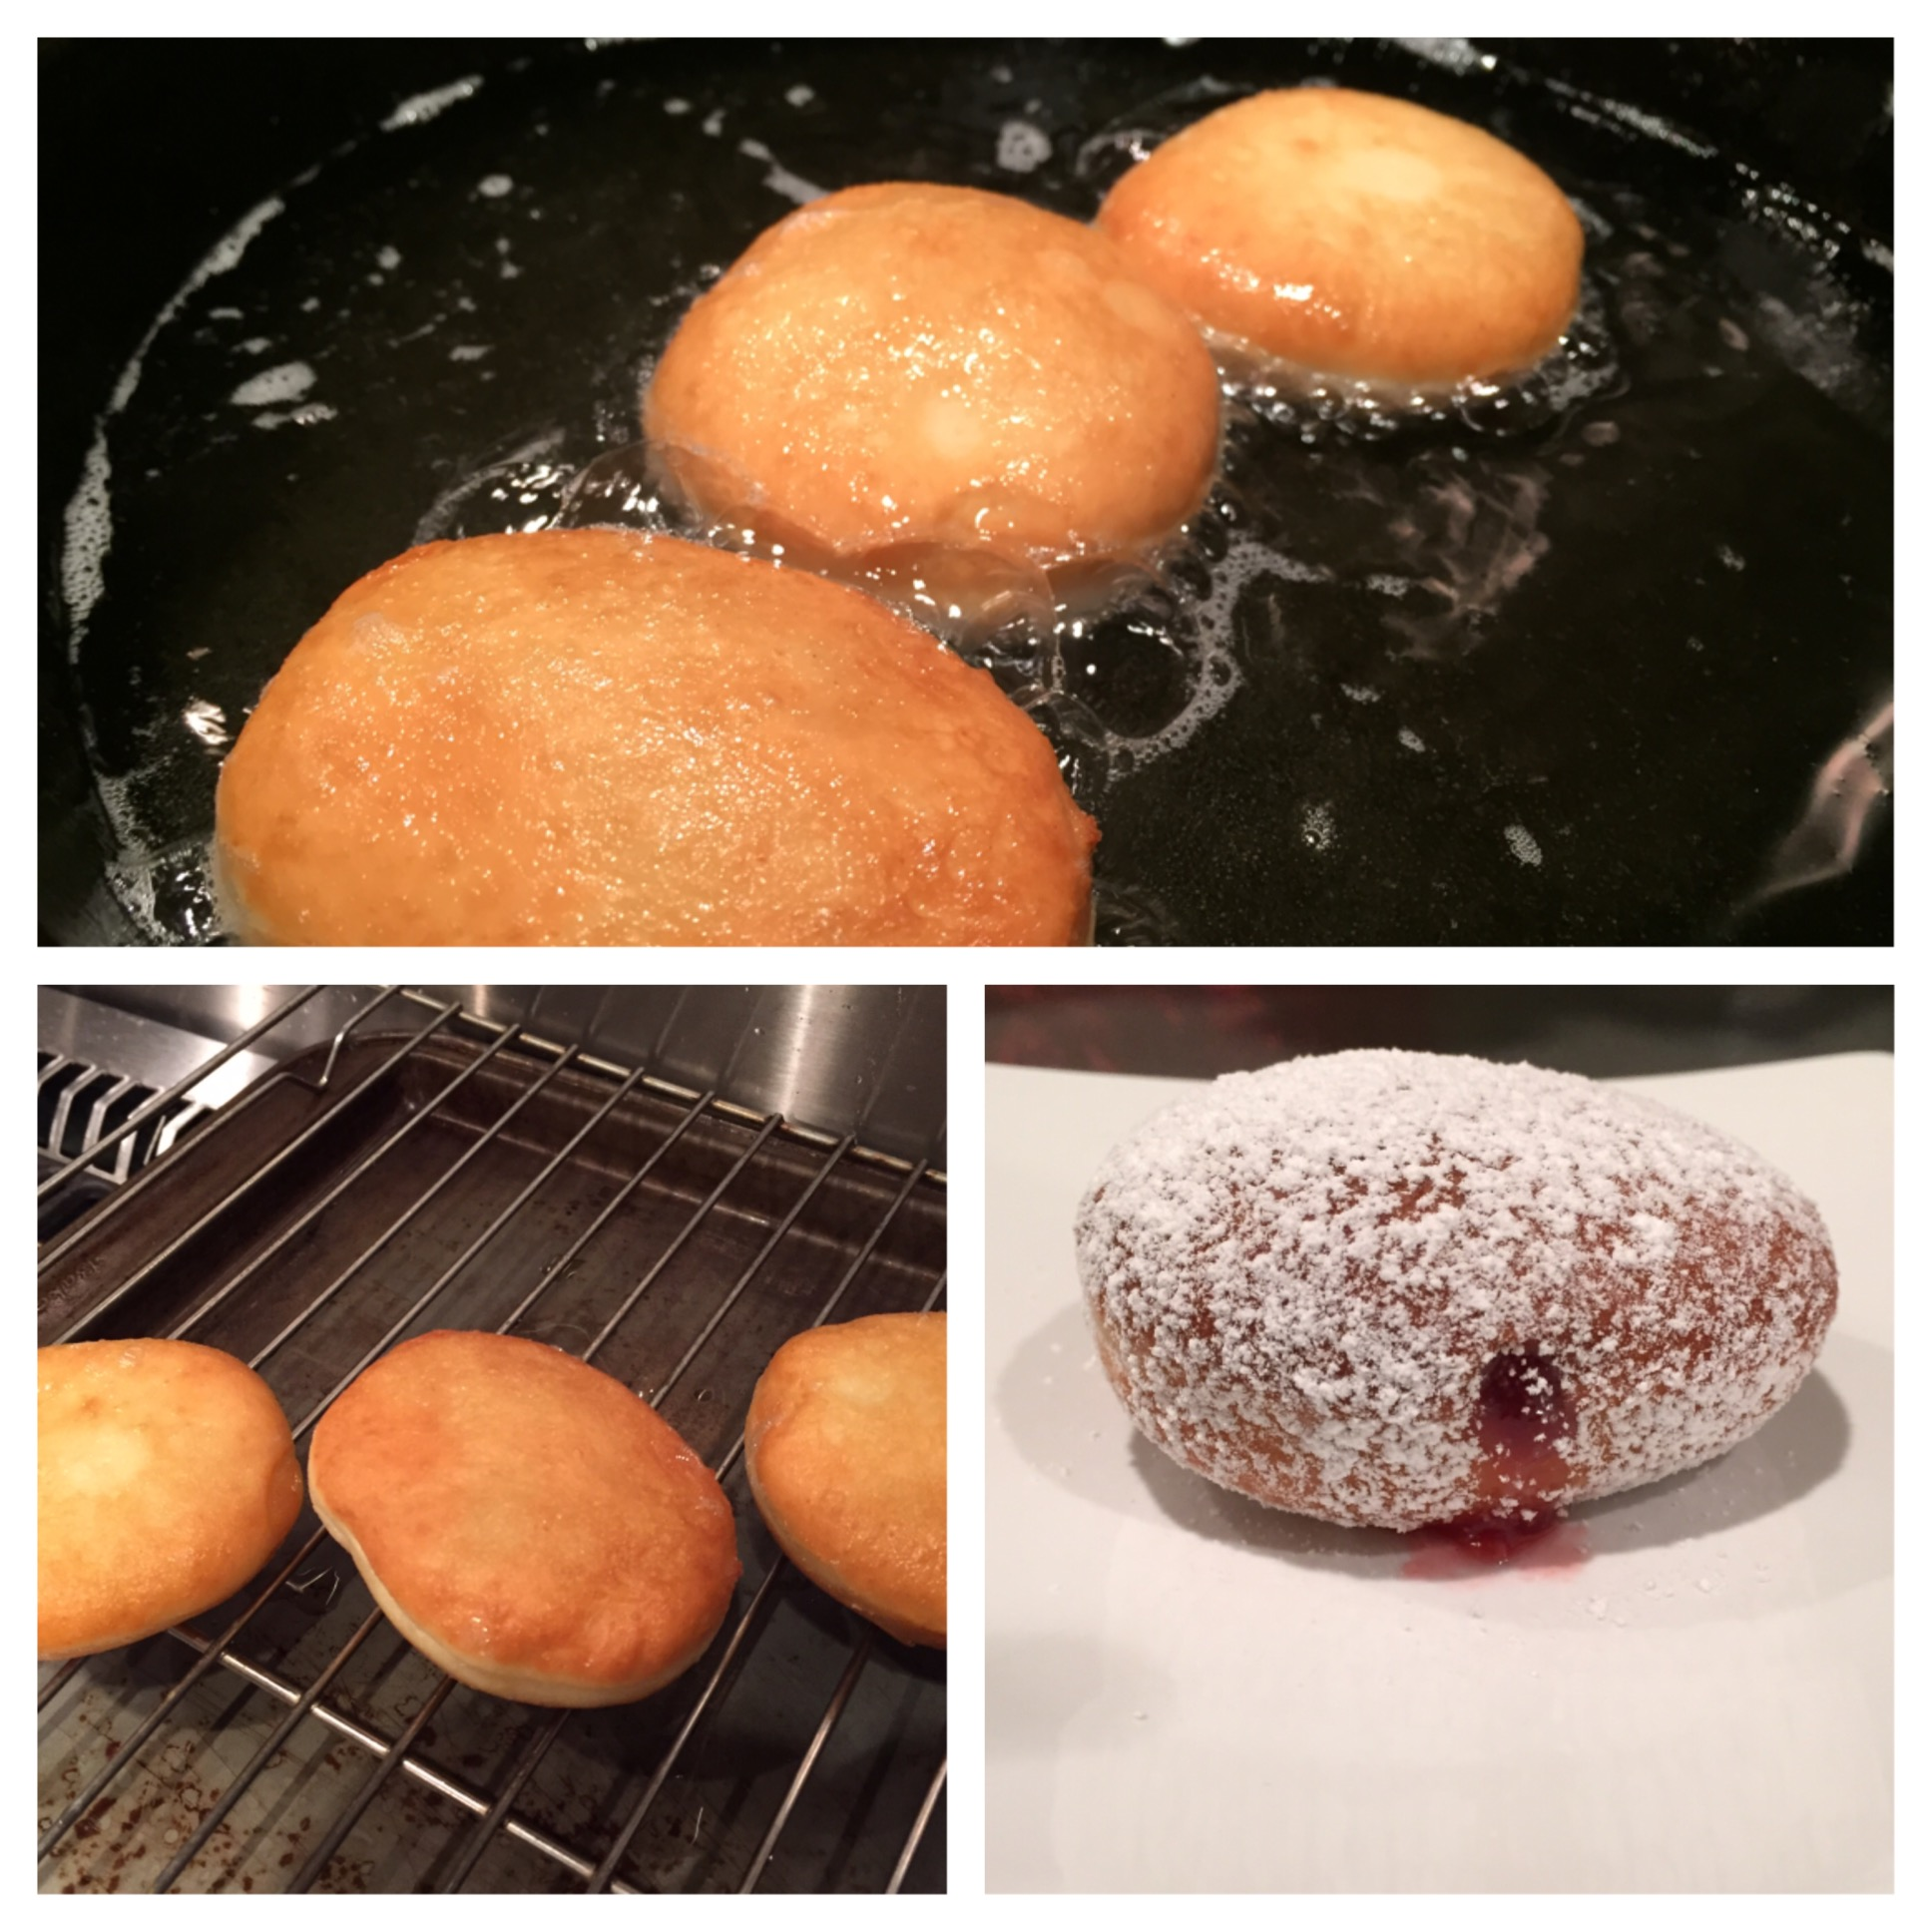 Homemade Jelly Donuts or Sufganiyot – Jewtalian's Recipes